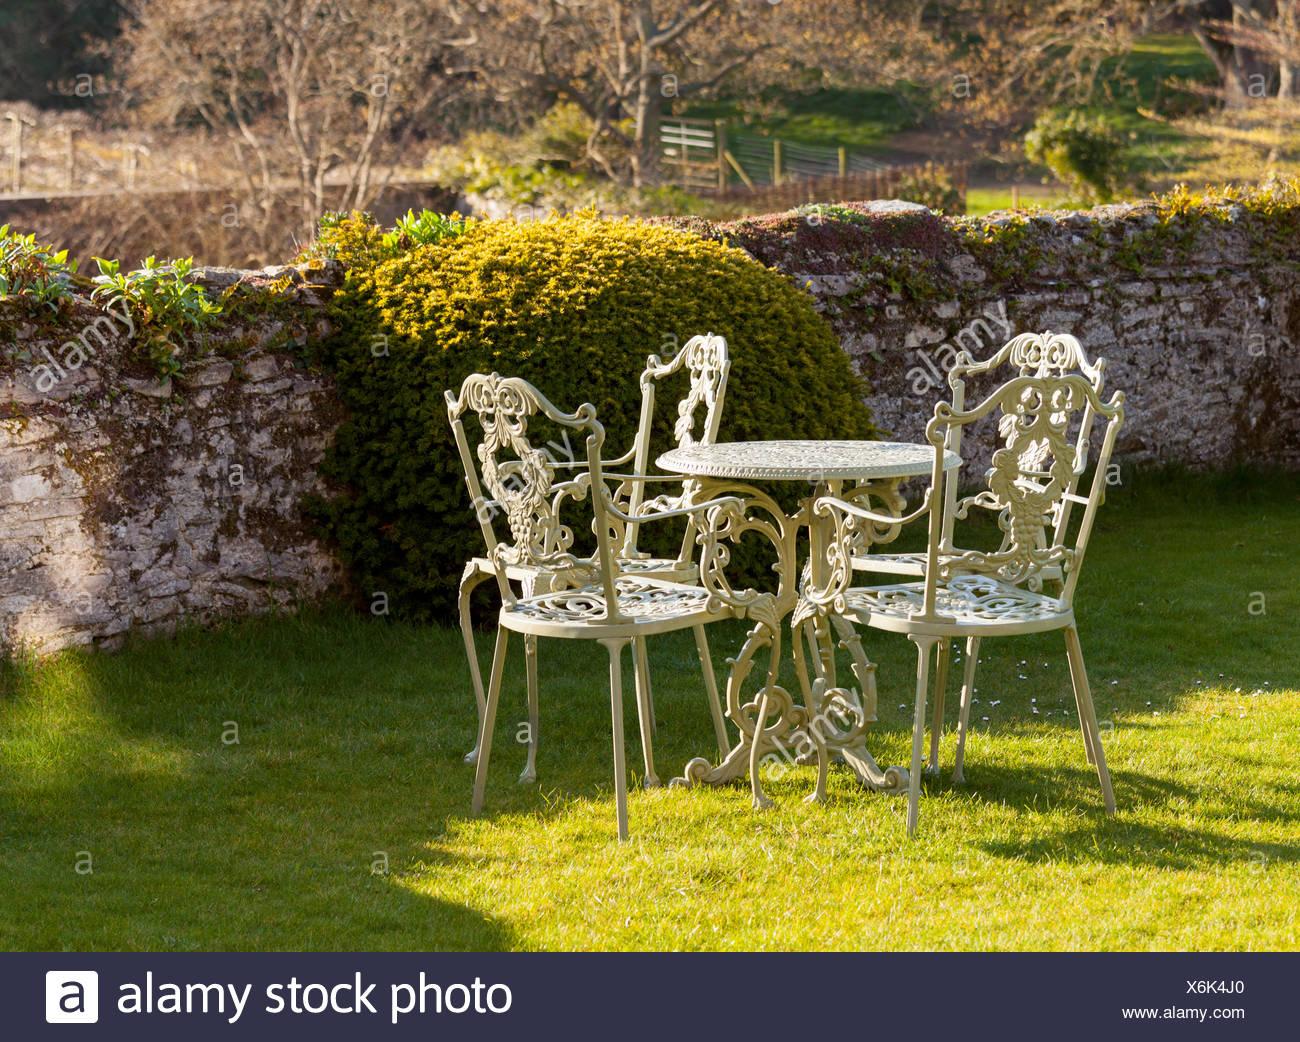 Gartentisch Und Stuhle Auf Rasen Stockfoto Bild 279474552 Alamy